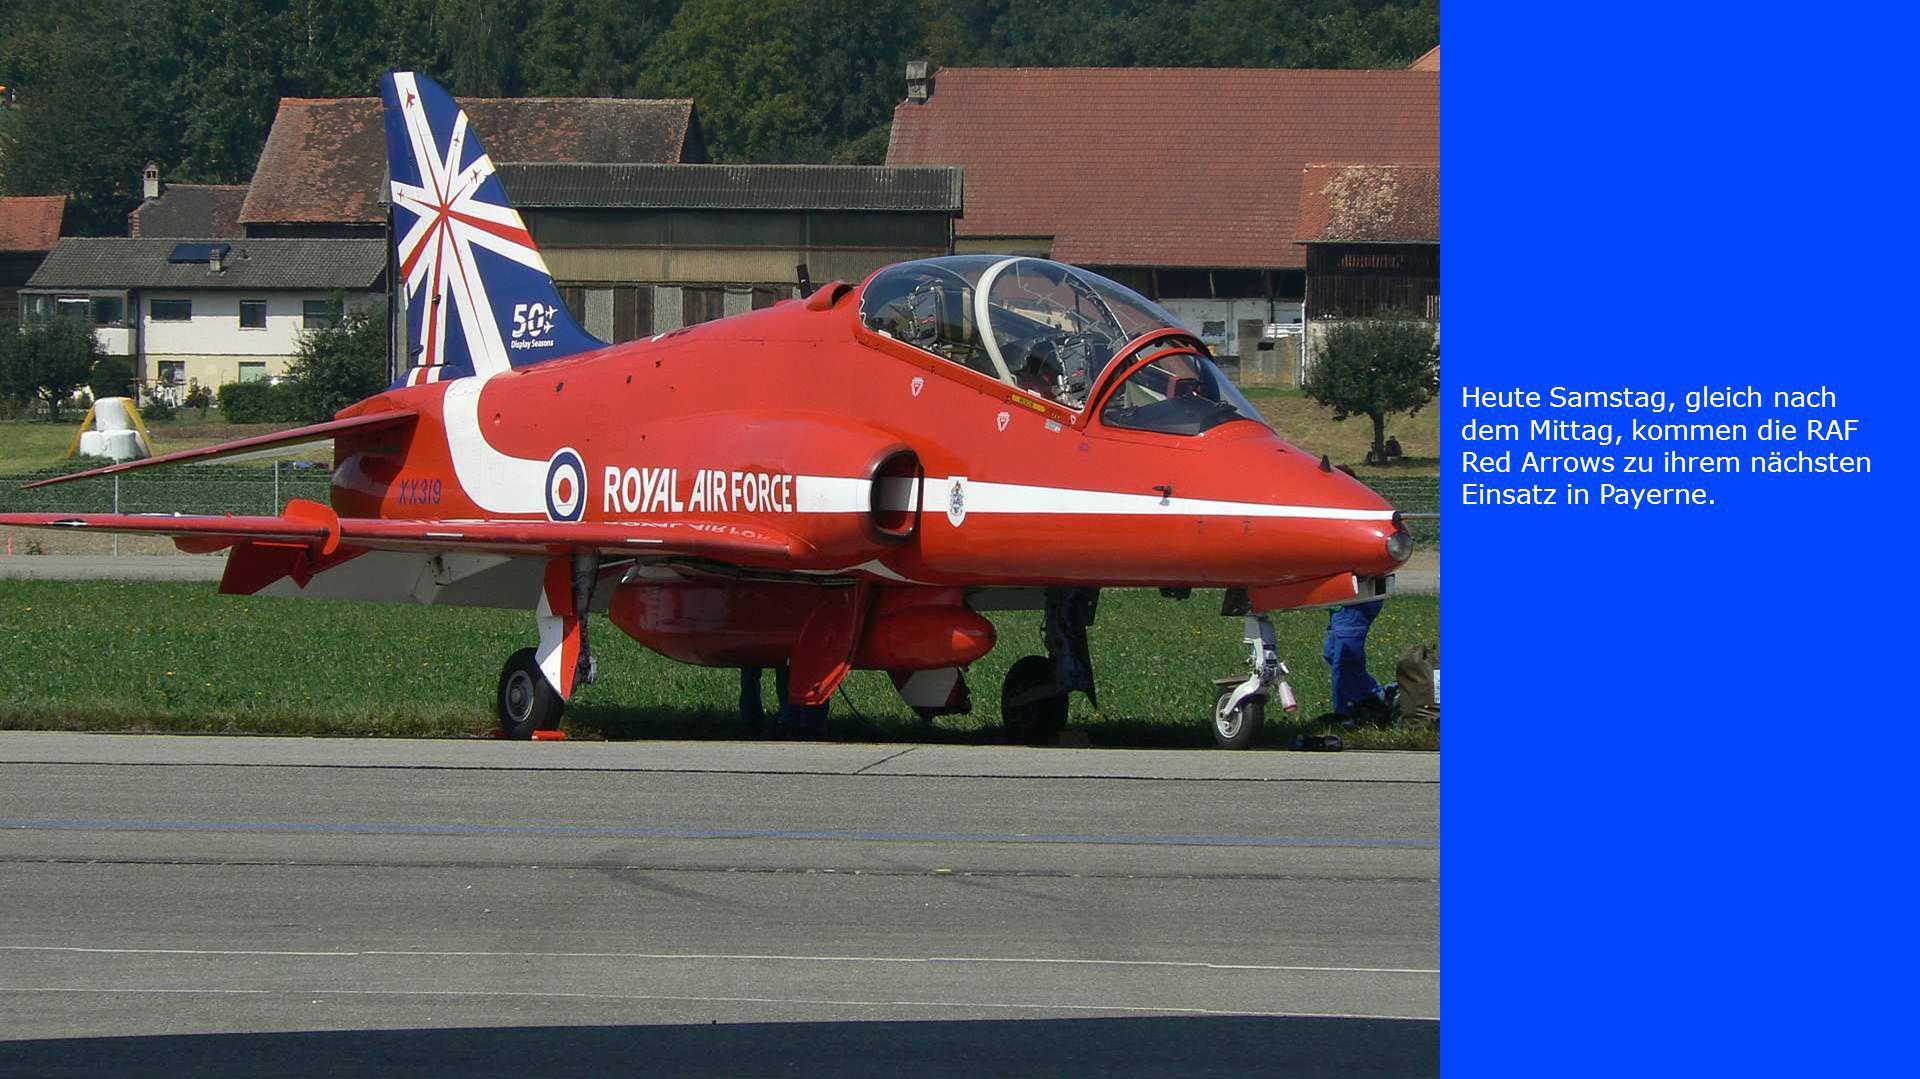 Heute Samstag, gleich nach dem Mittag, kommen die RAF Red Arrows zu ihrem nächsten Einsatz in Payerne.